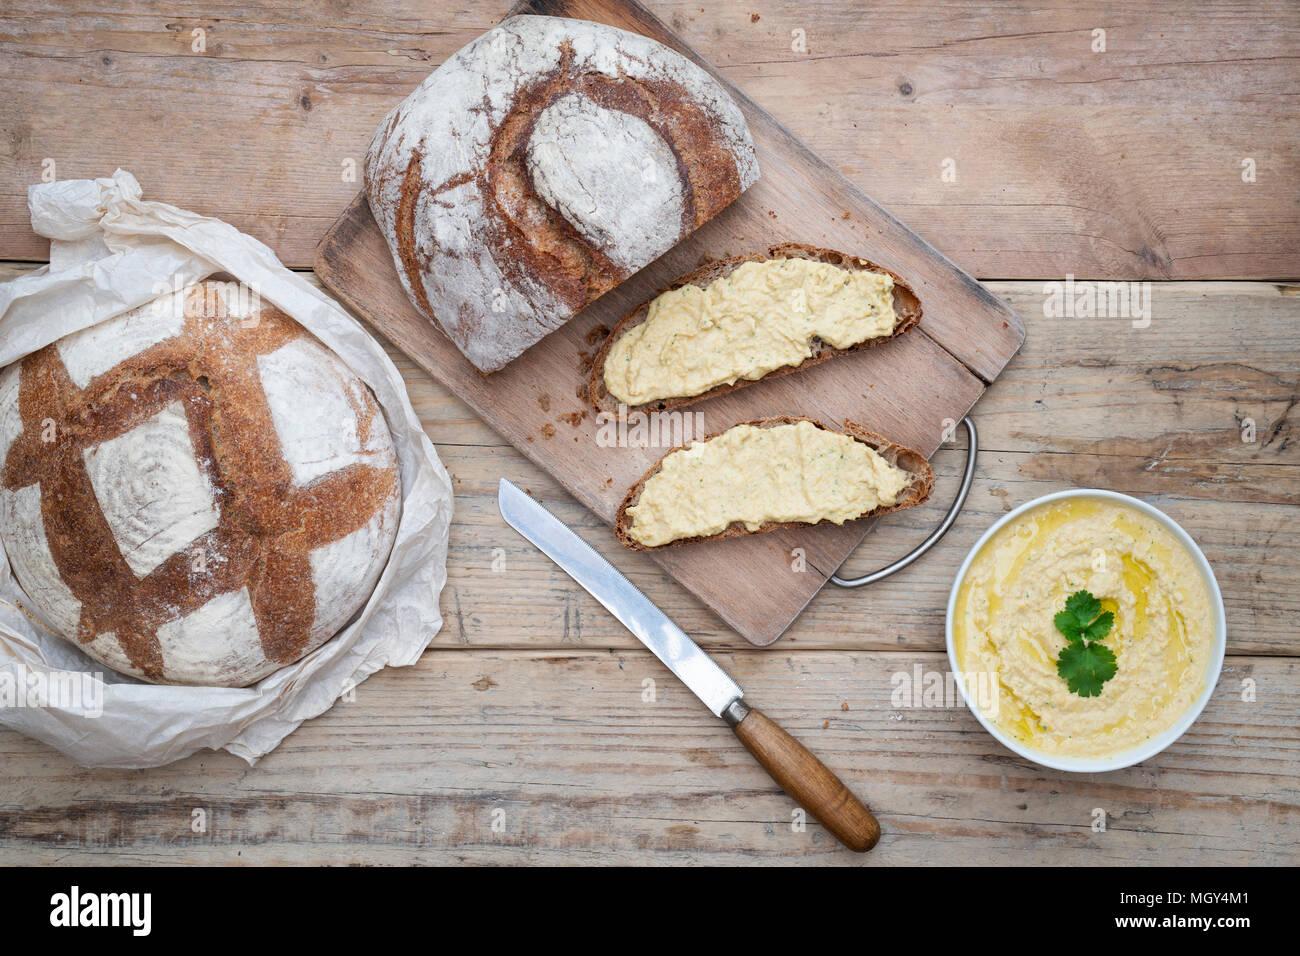 Pain de levain et pain de levain d'épeautre avec houmous faits maison sur une planche à pain. ROYAUME-UNI. Banque D'Images